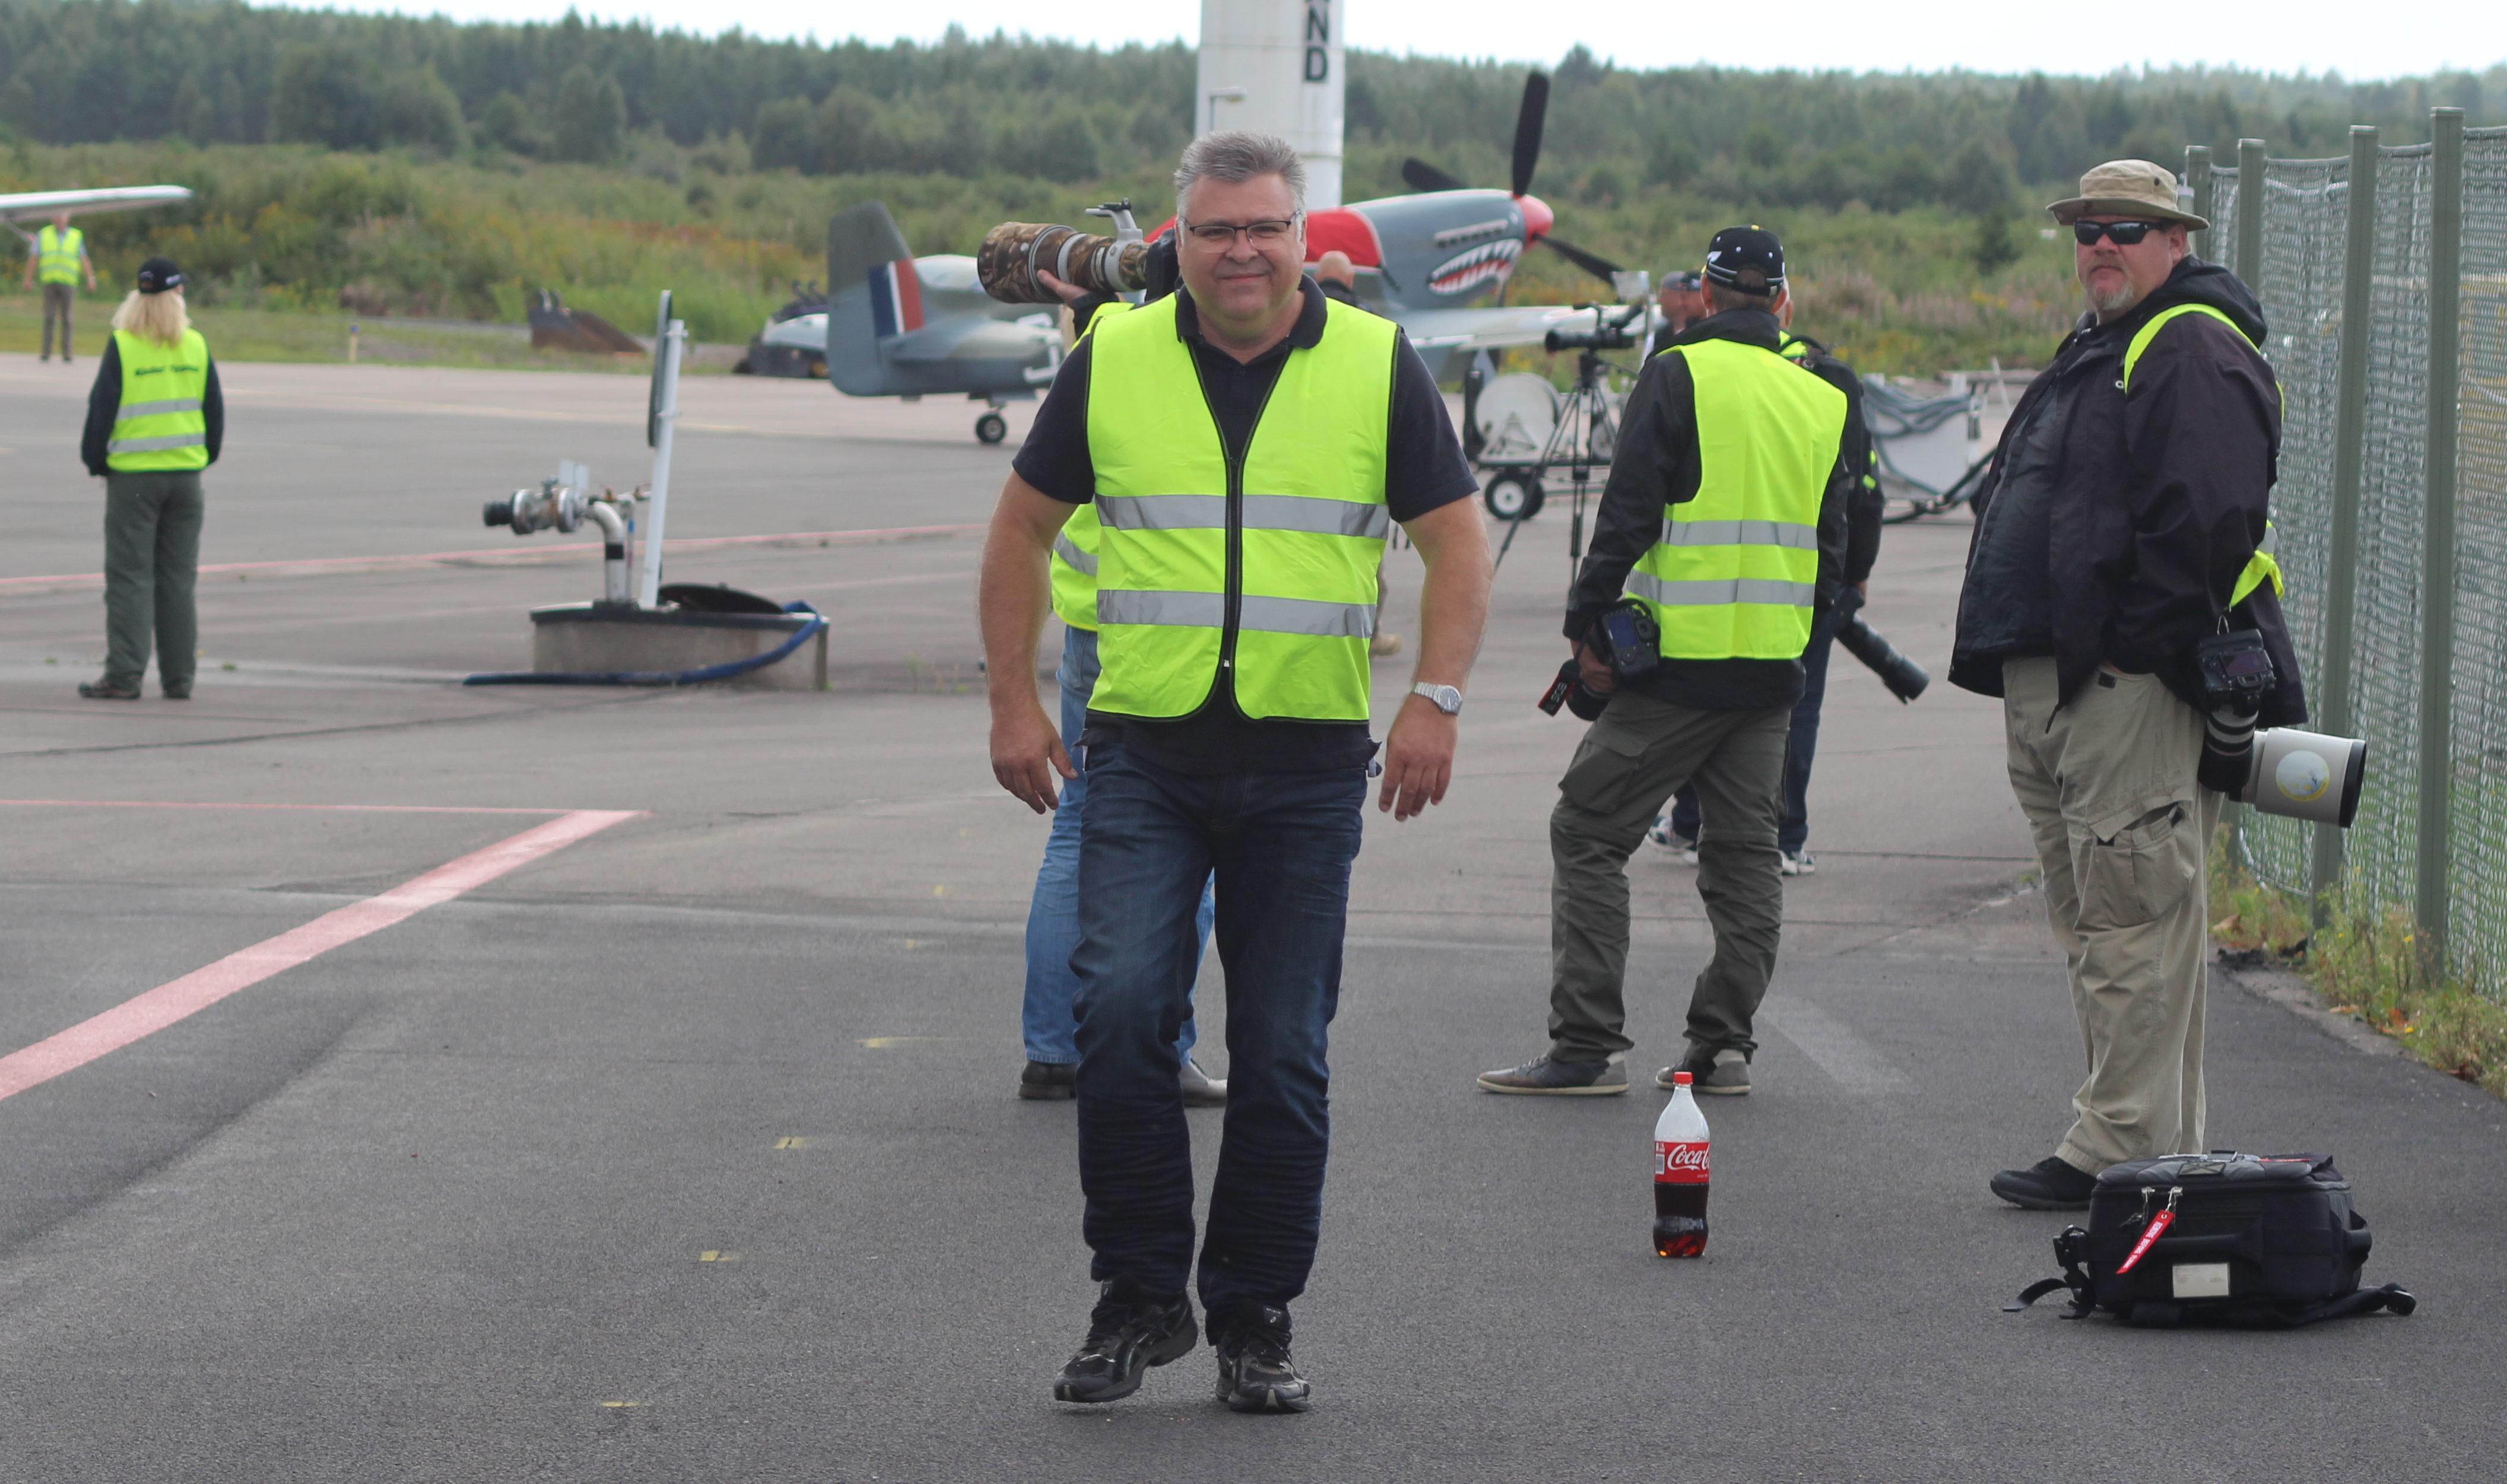 Sherffen av Skövde, även känd som sekreterare i en viss flygklubb, håller ordning på flygplan, korvnasare och planespotters.